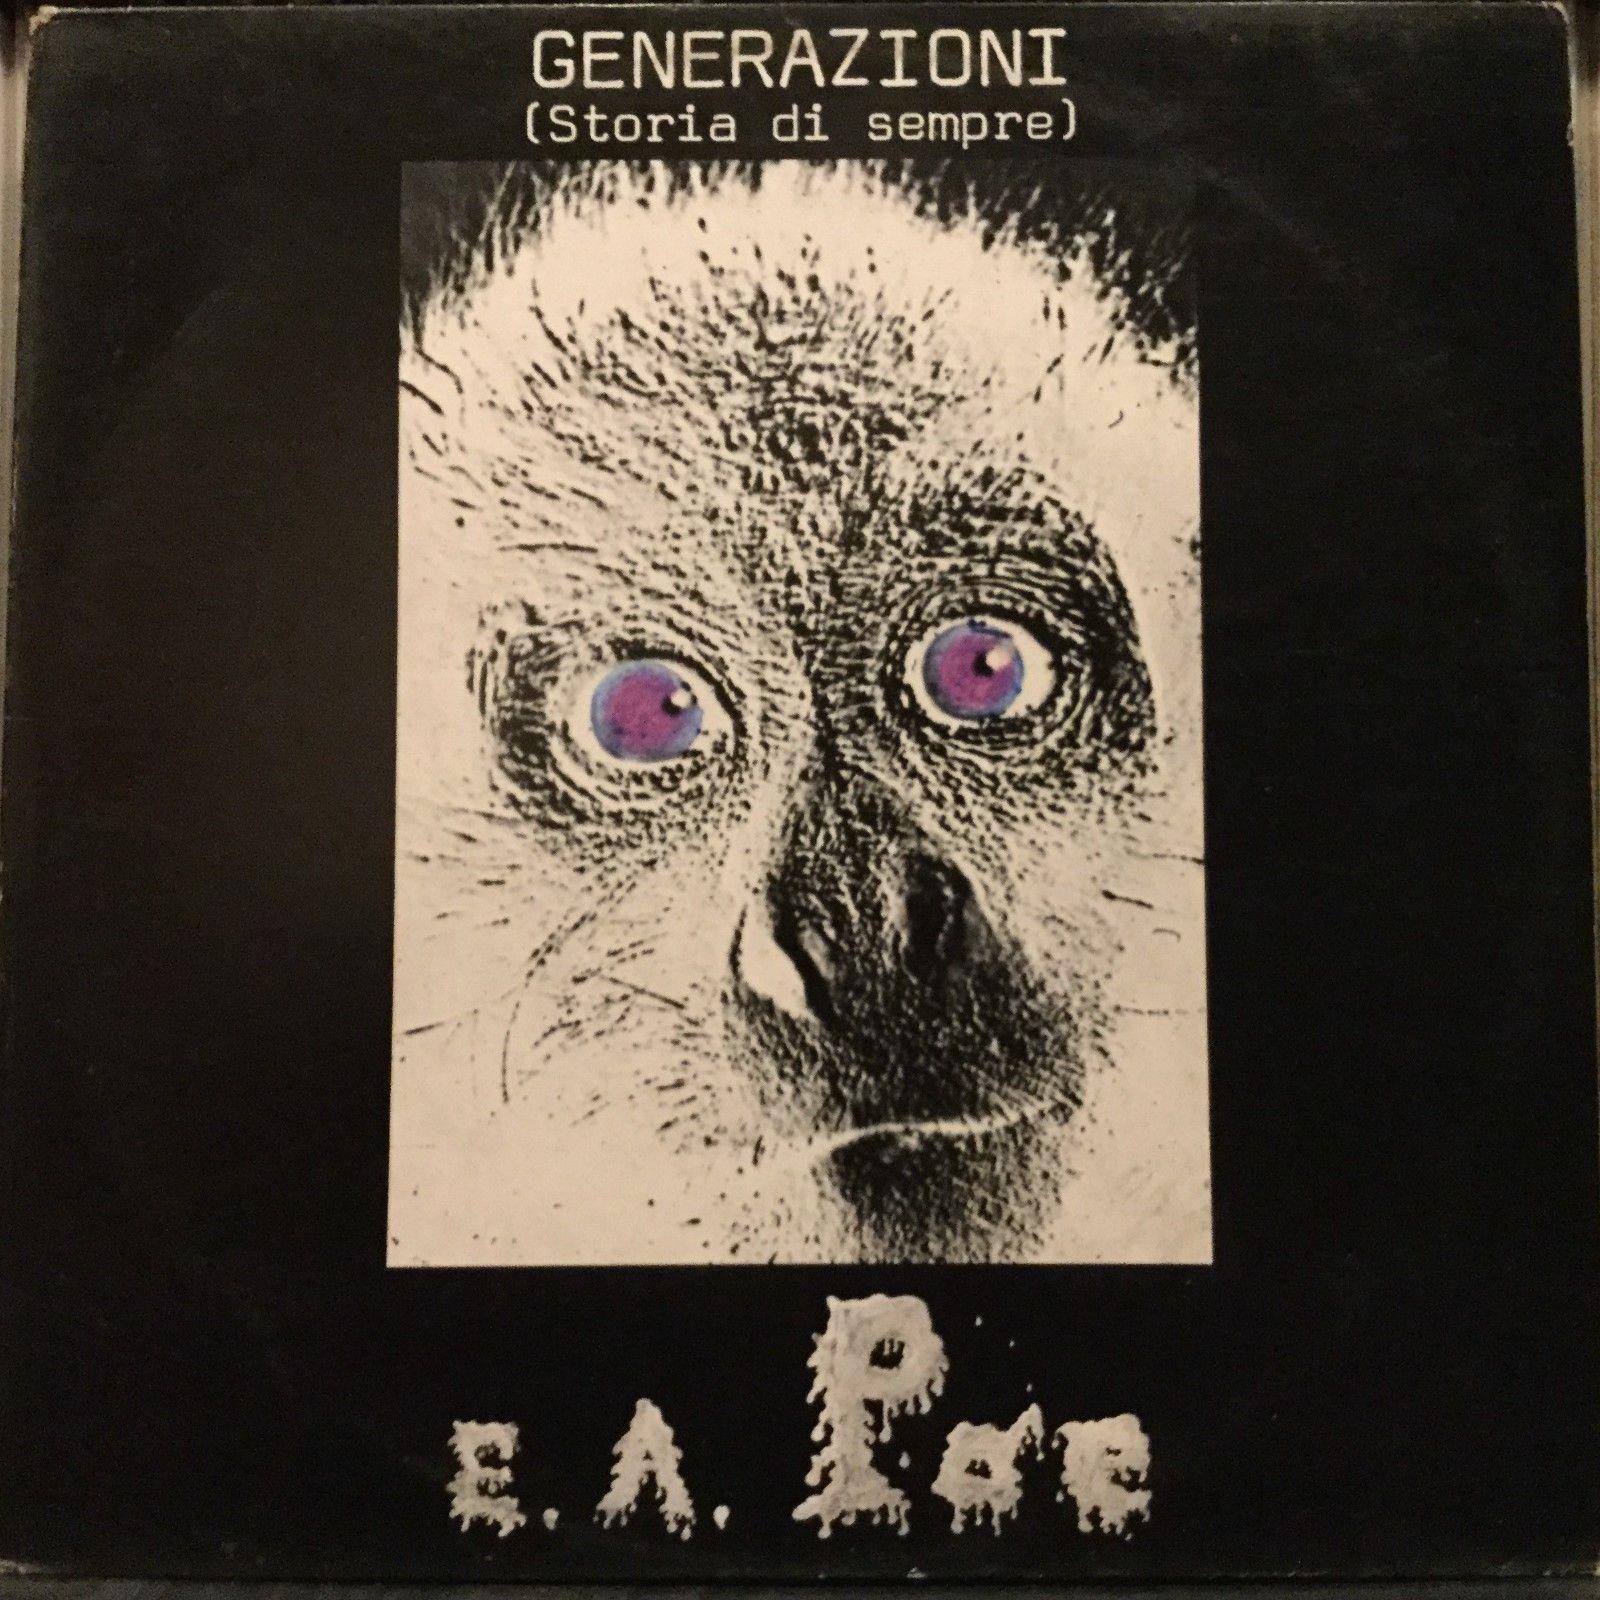 E.A. Poe-Generazioni (Storia Di Sempre)  Italian Progressive/Psych